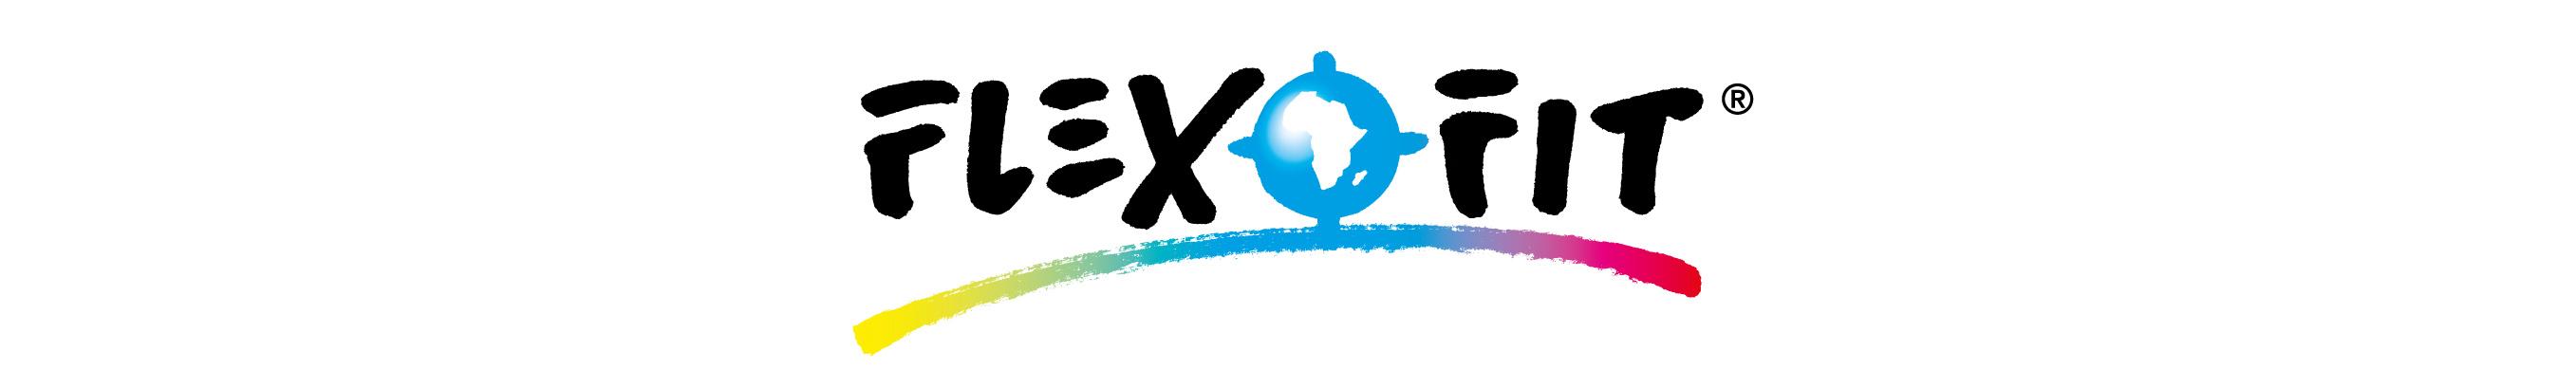 Flexofit-print.com